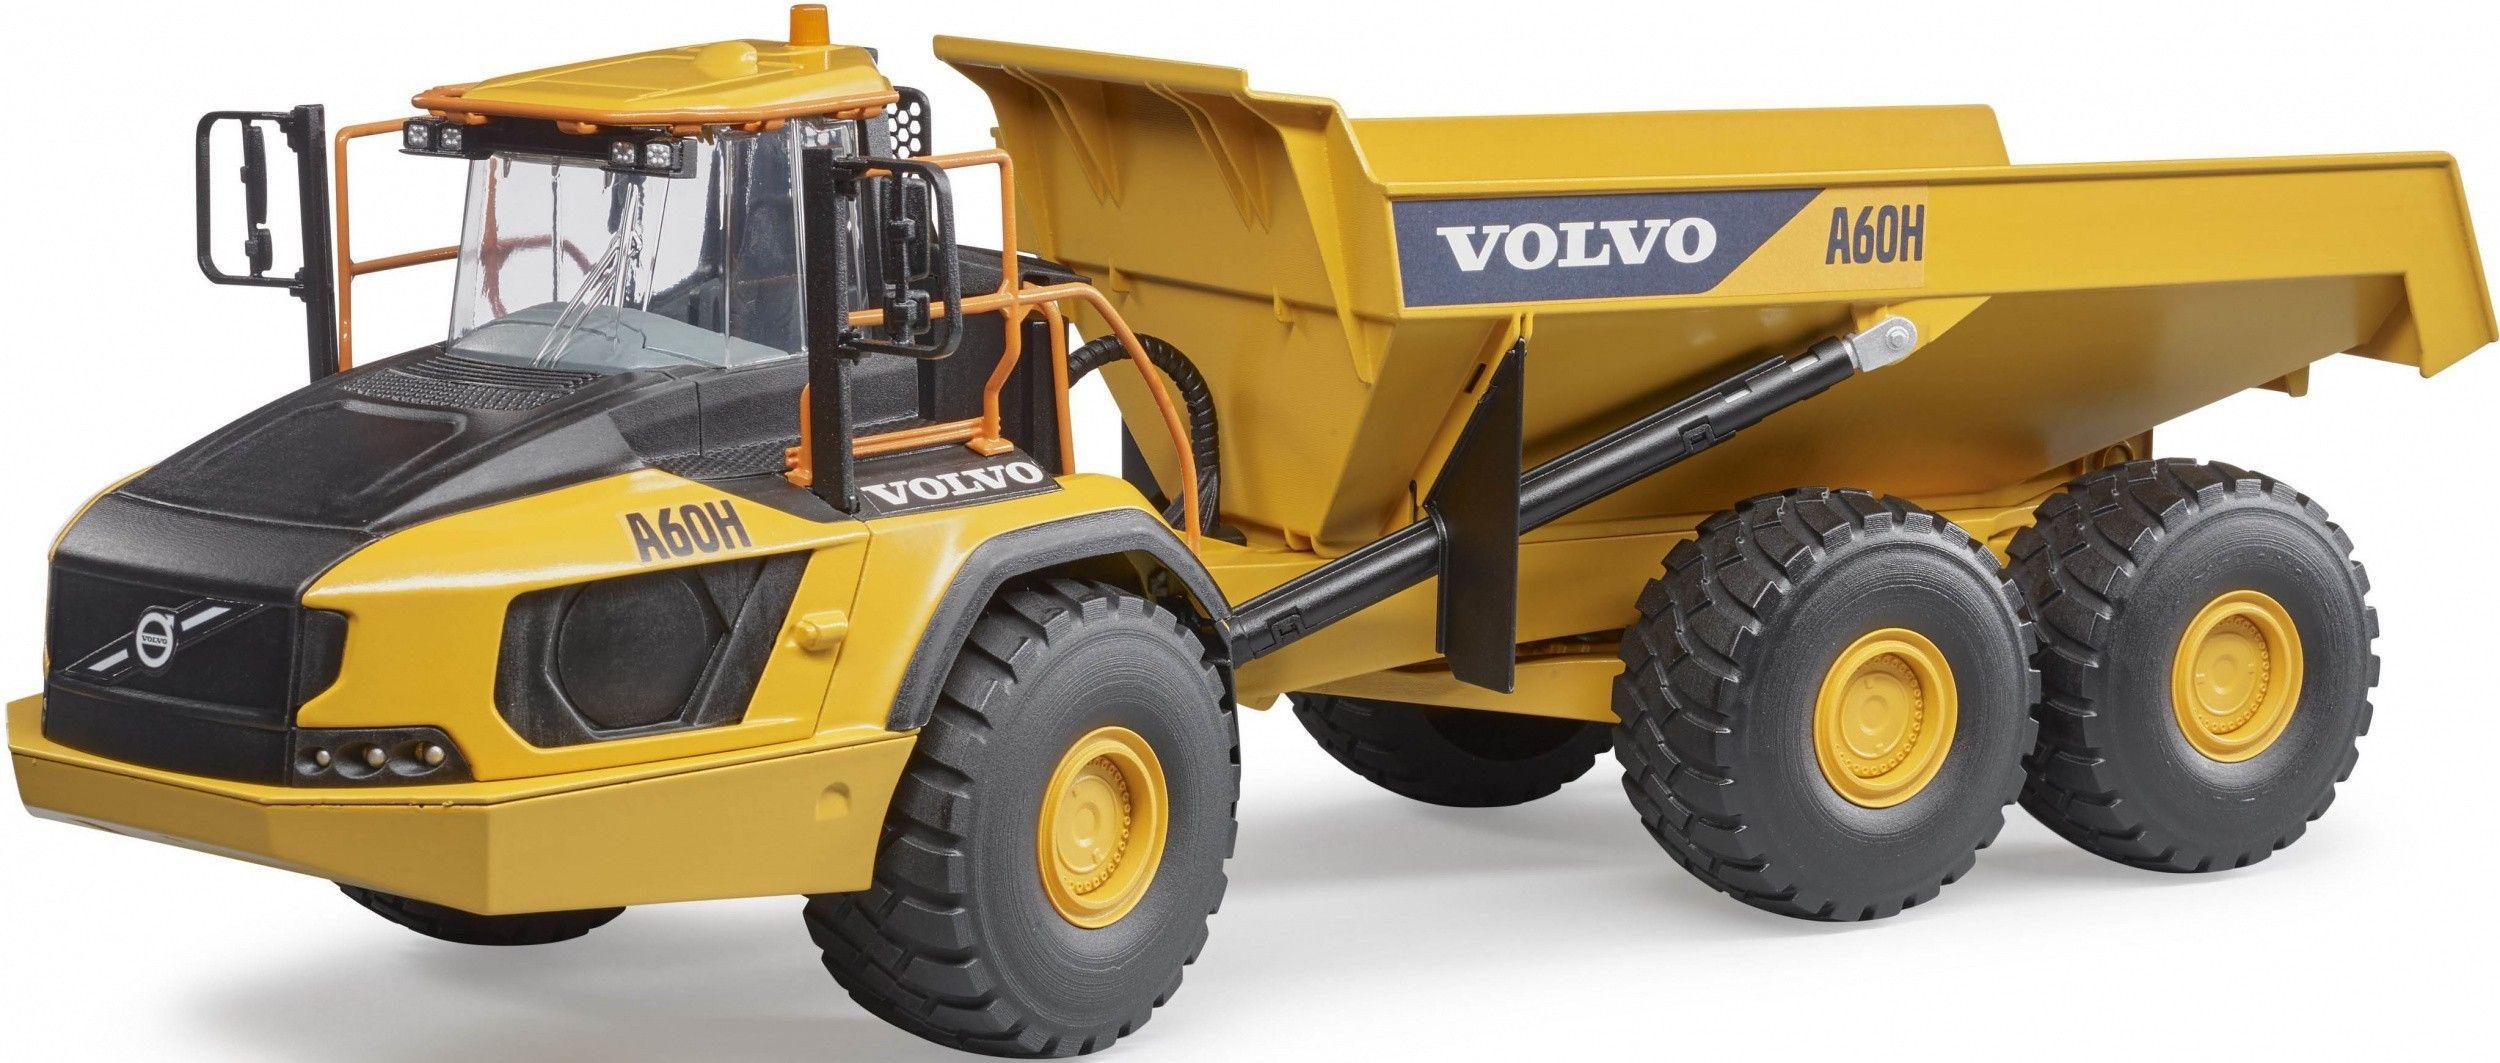 Bruder Volvo dumper A60H 1:16